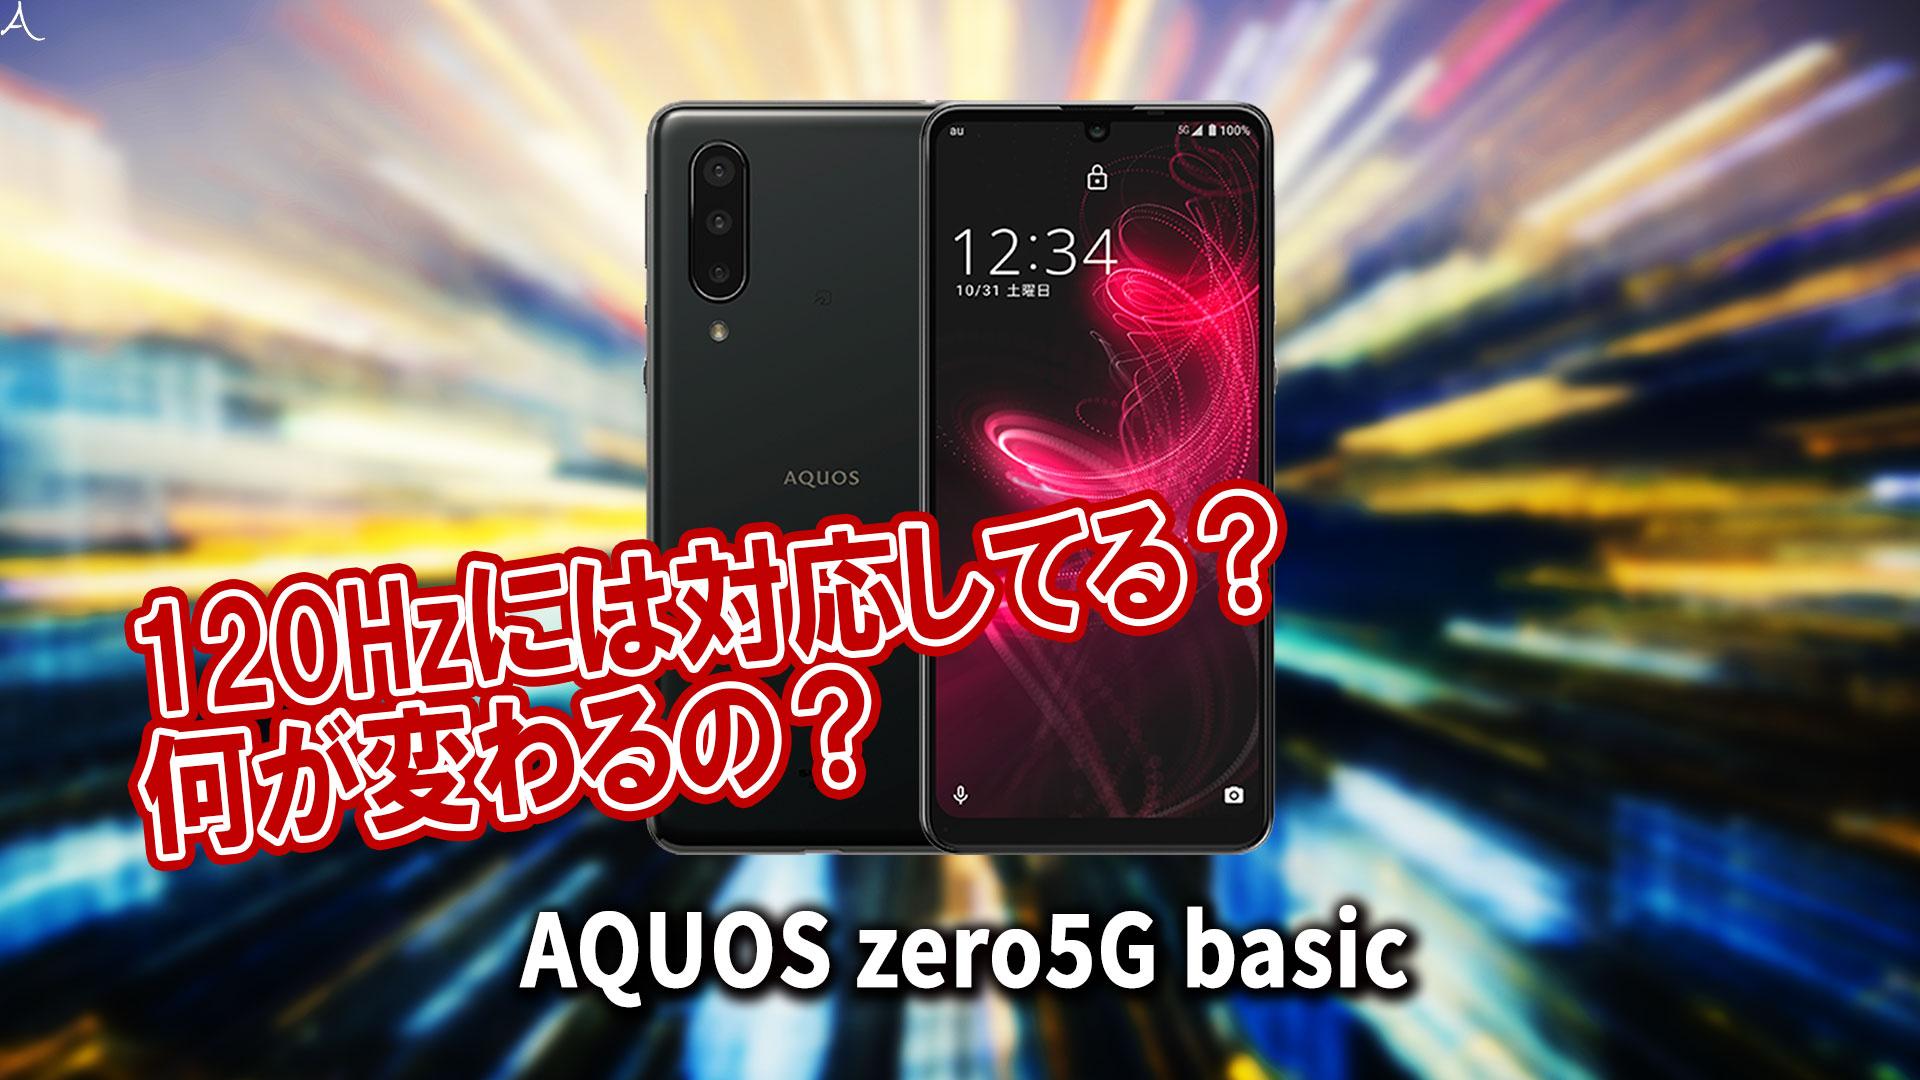 「AQUOS zero5G basic」のリフレッシュレートはいくつ?120Hzには対応してる?